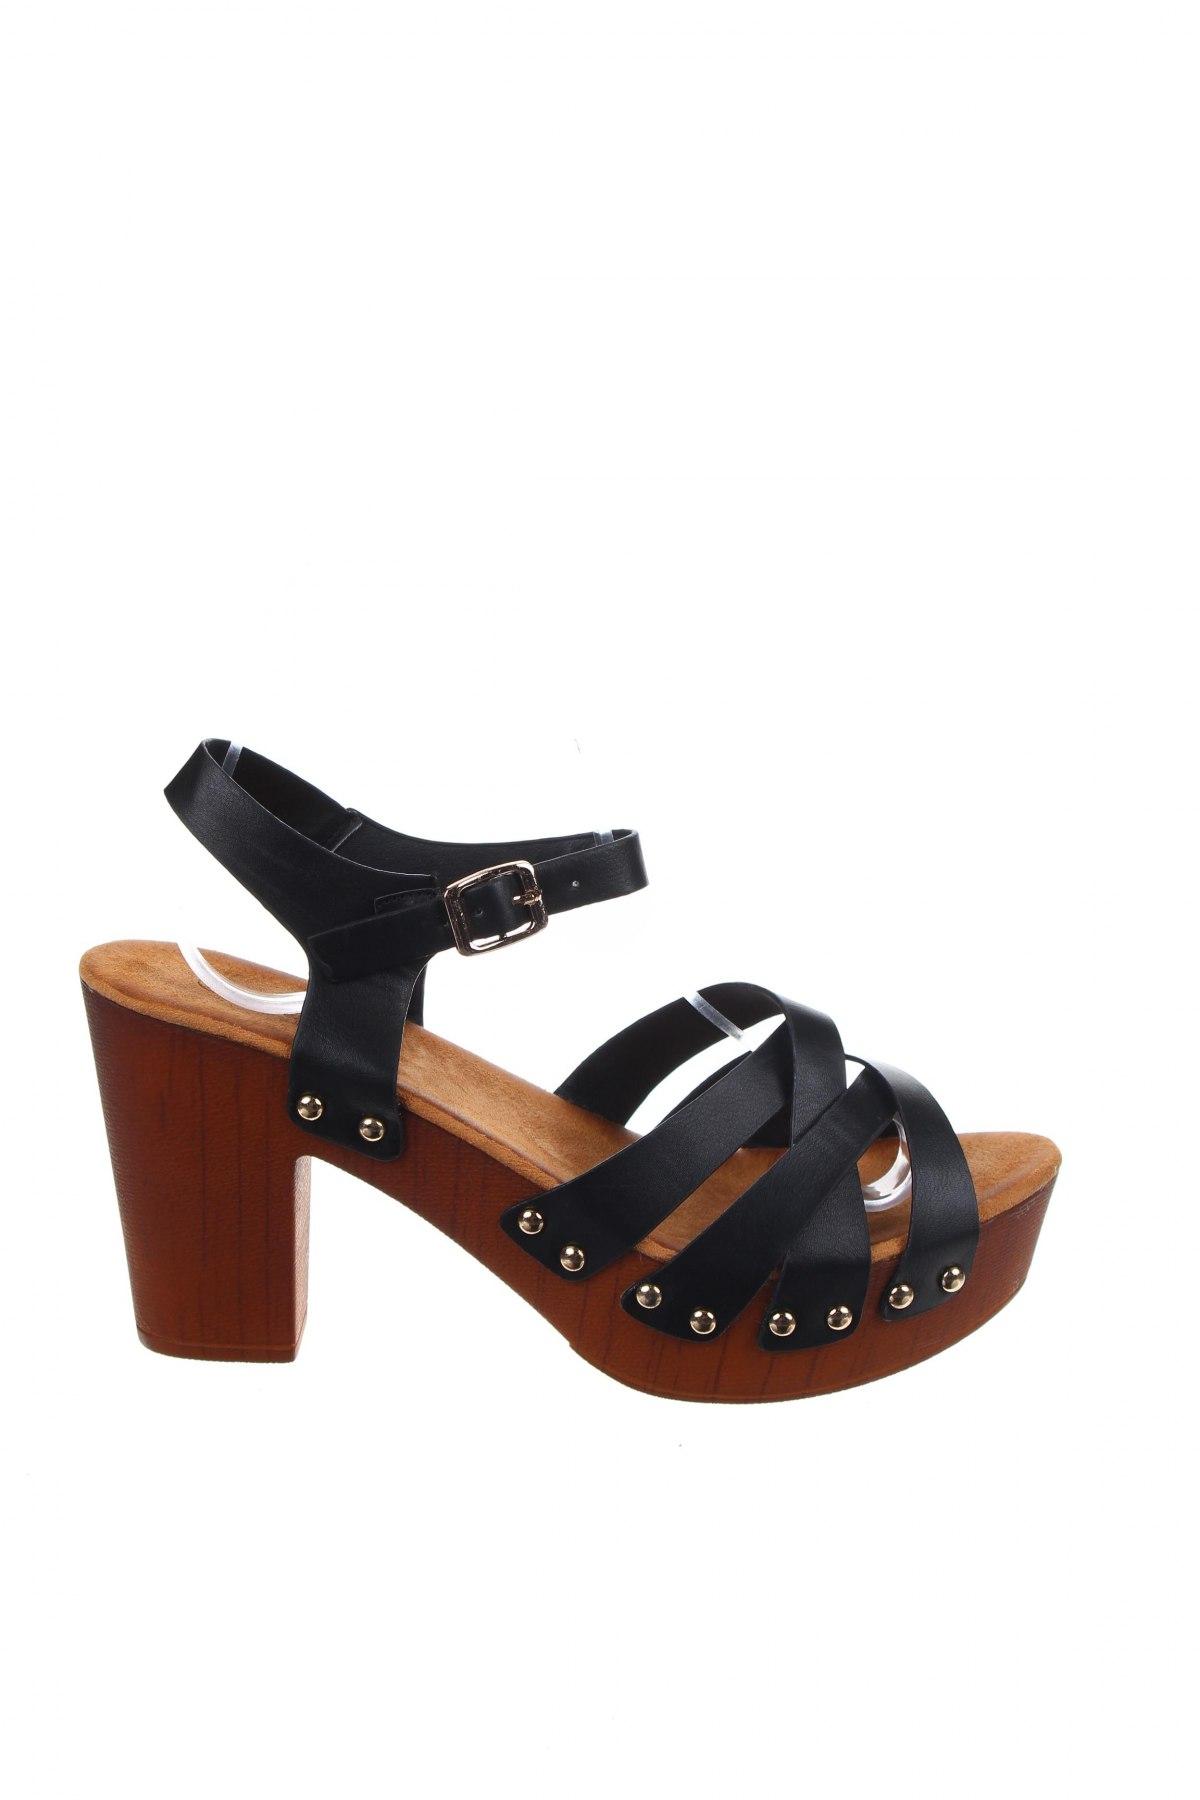 Σανδάλια W.S Shoes, Μέγεθος 39, Χρώμα Μαύρο, Δερματίνη, Τιμή 17,64€